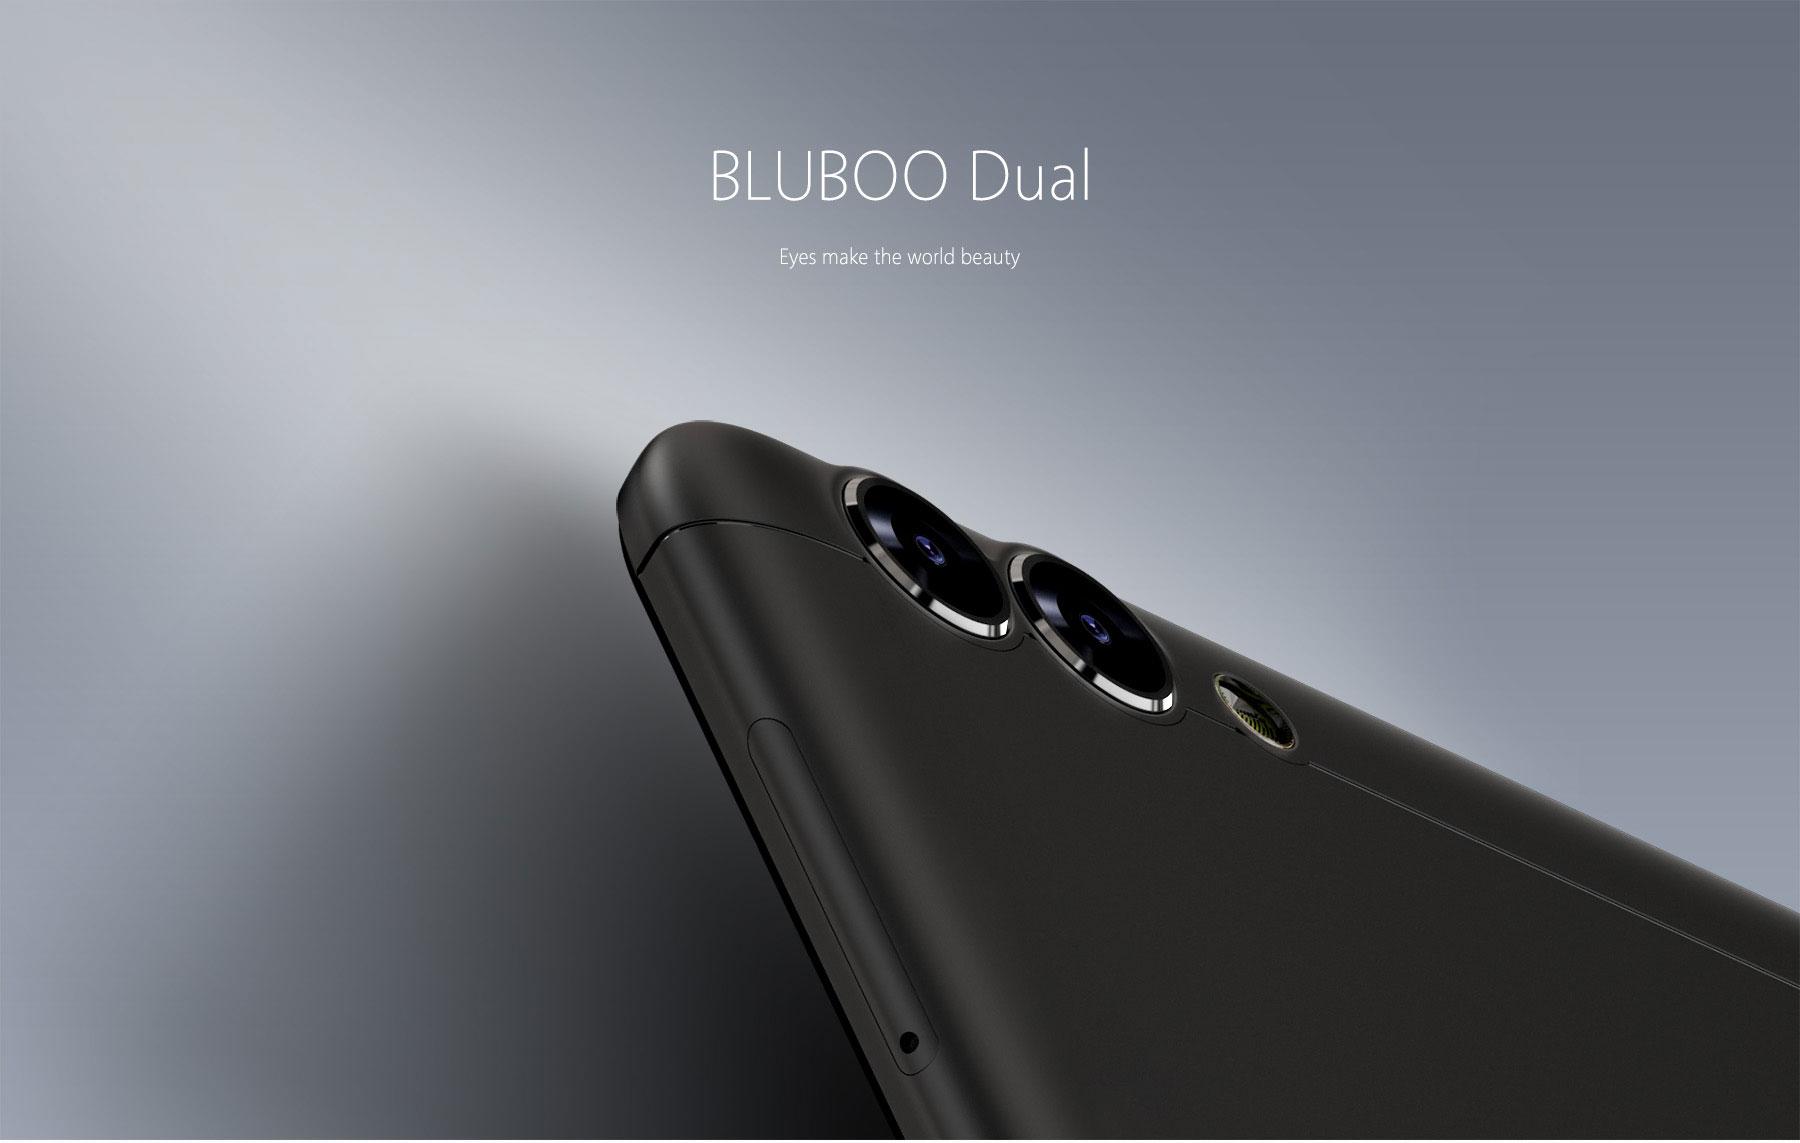 Test du Bluboo Dual : double capteur photo à petit prix ?